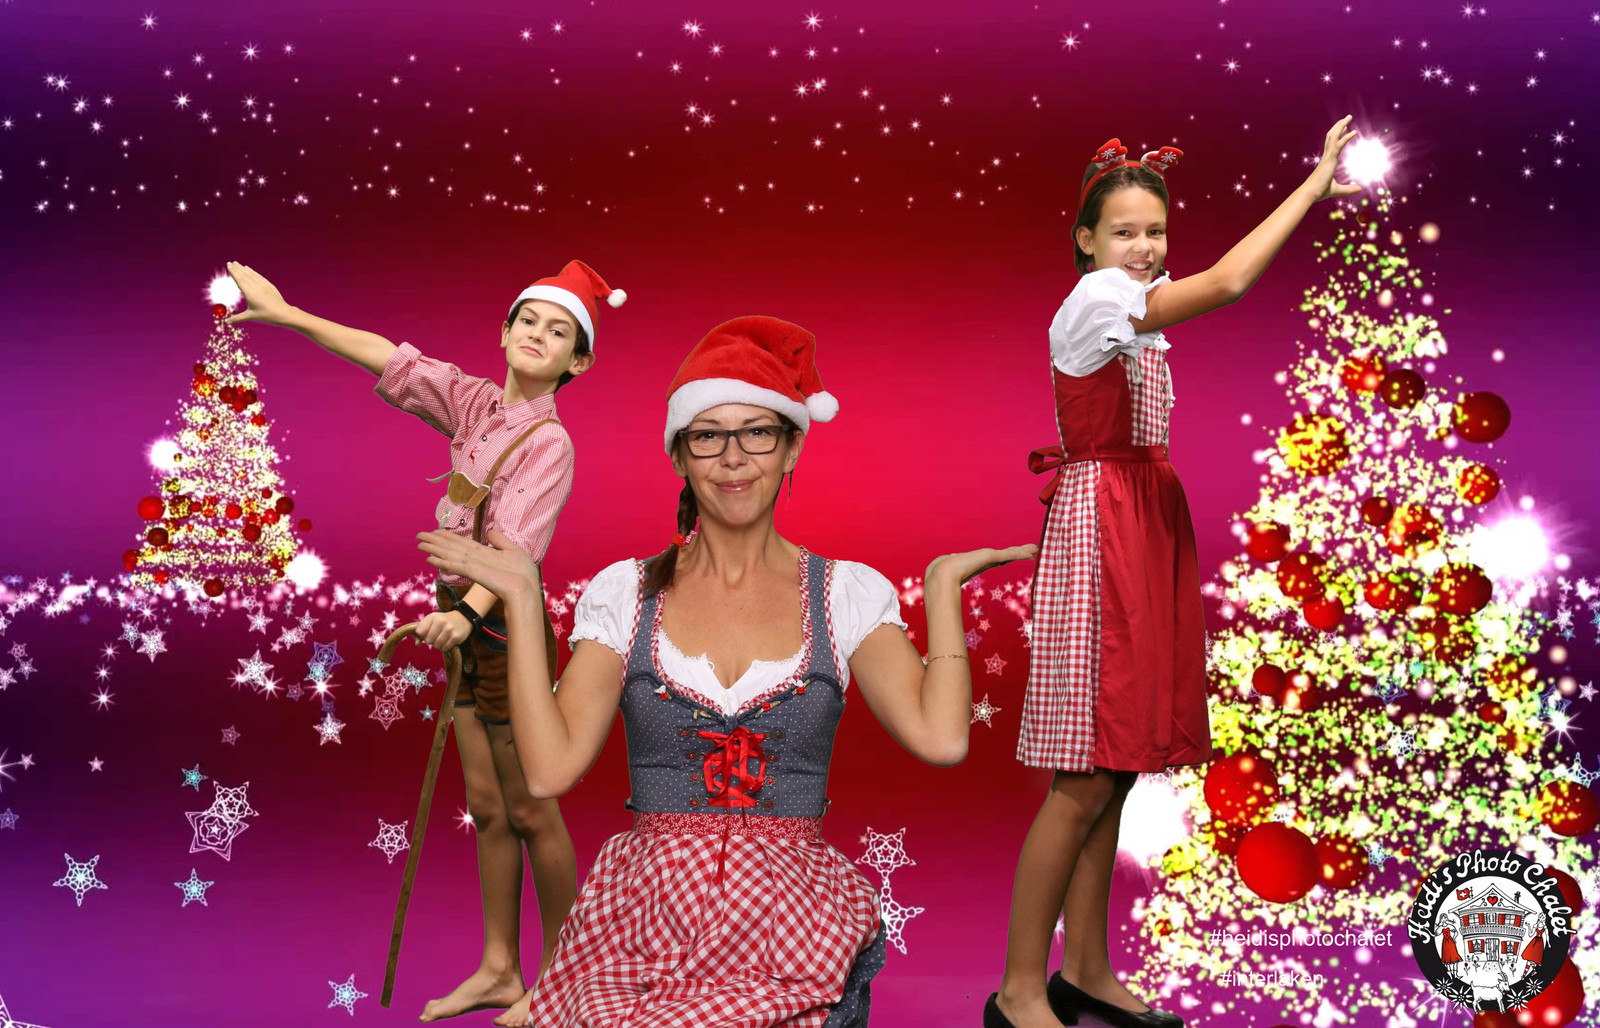 Originelle Weihnachtskarten.Originelle Weihnachtskarten By Heidi S Photo Chalet Interlaken